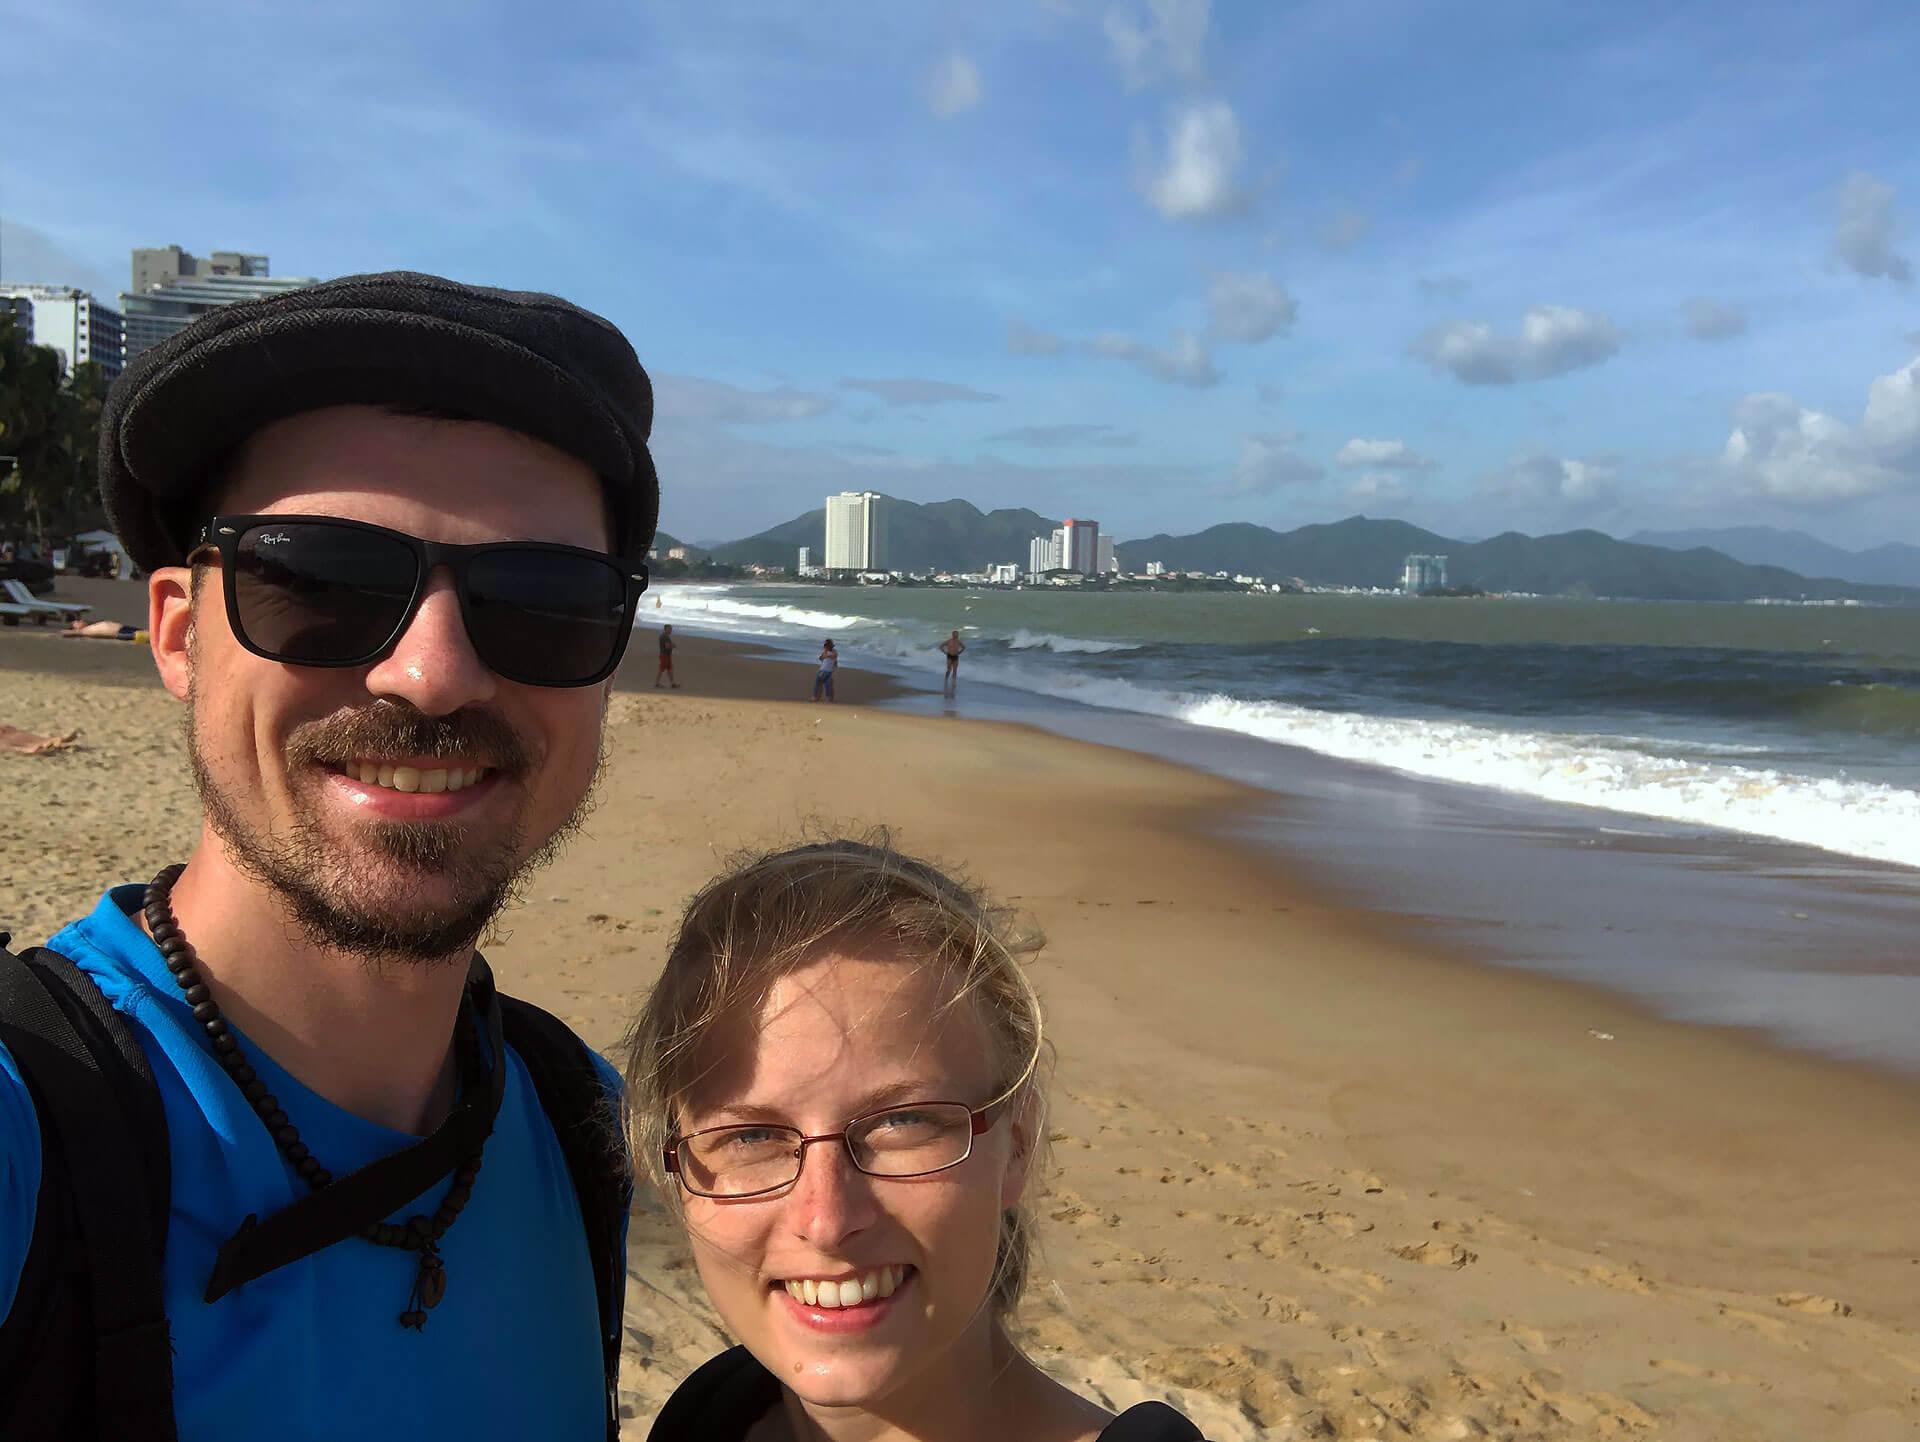 Am Strand von Nha Trang - Taschi und Berti